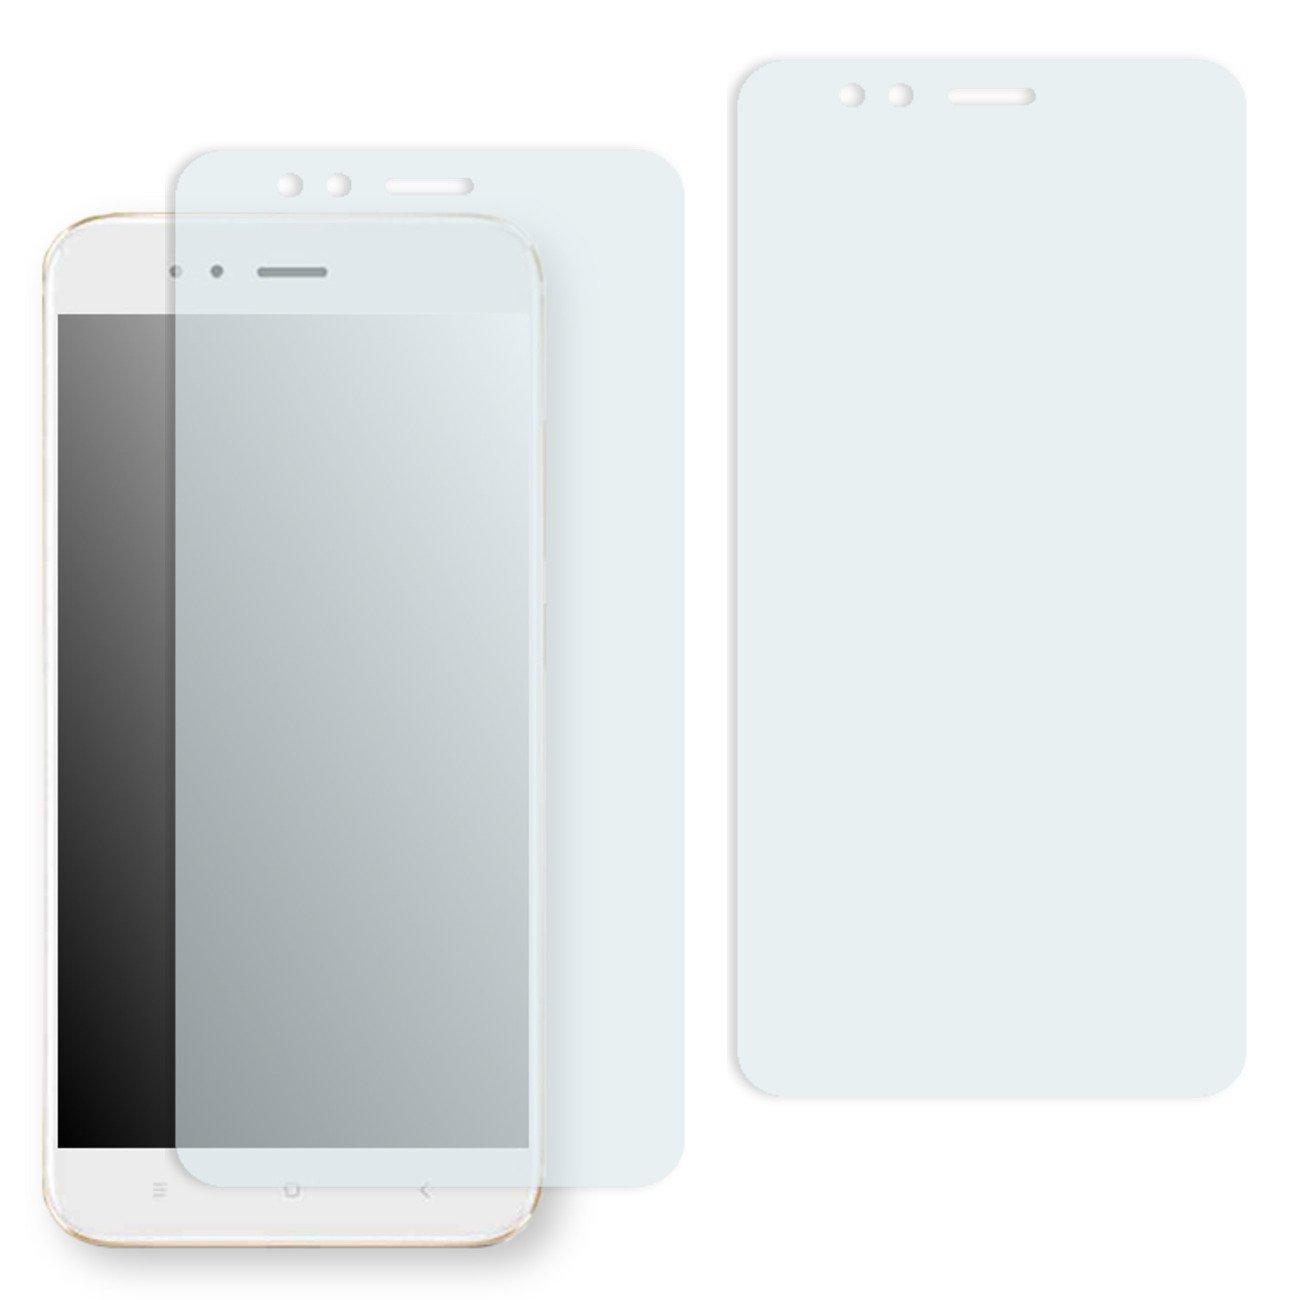 2x Golebo Semi-Matt Displayfolie Displayschutz Schutz Folie für Xiaomi Mi Band 2